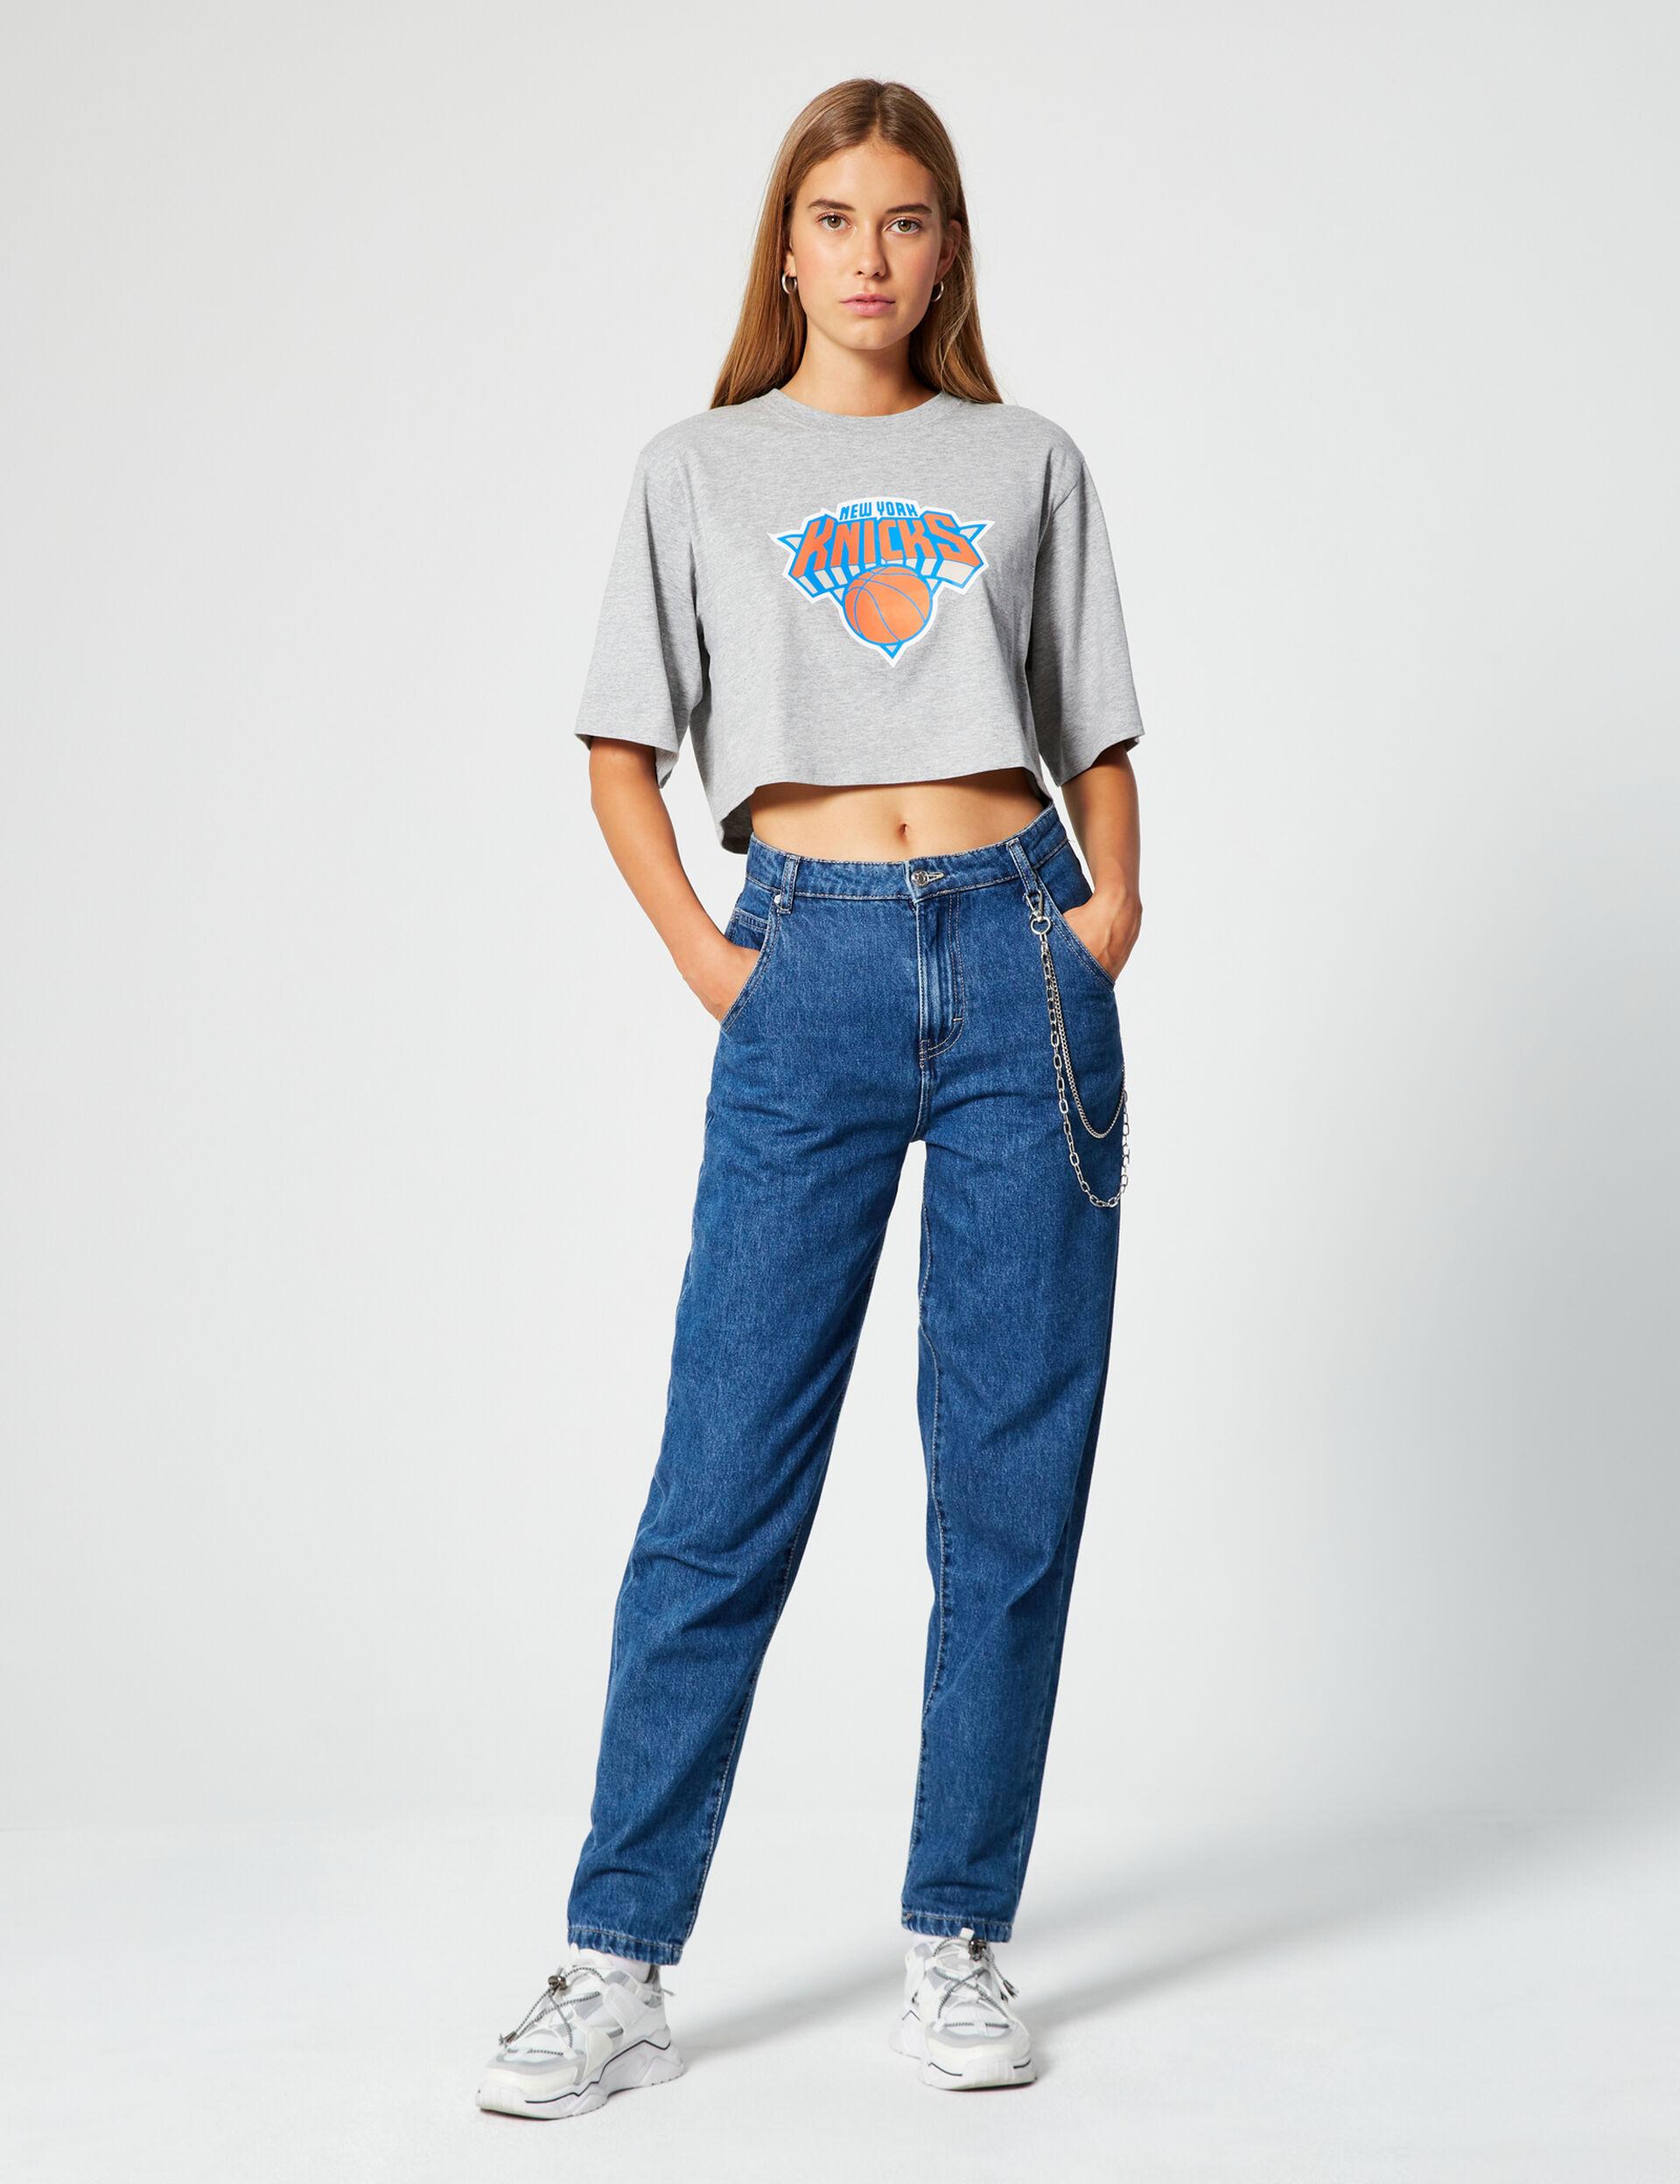 NBA NY Knicks T-shirt